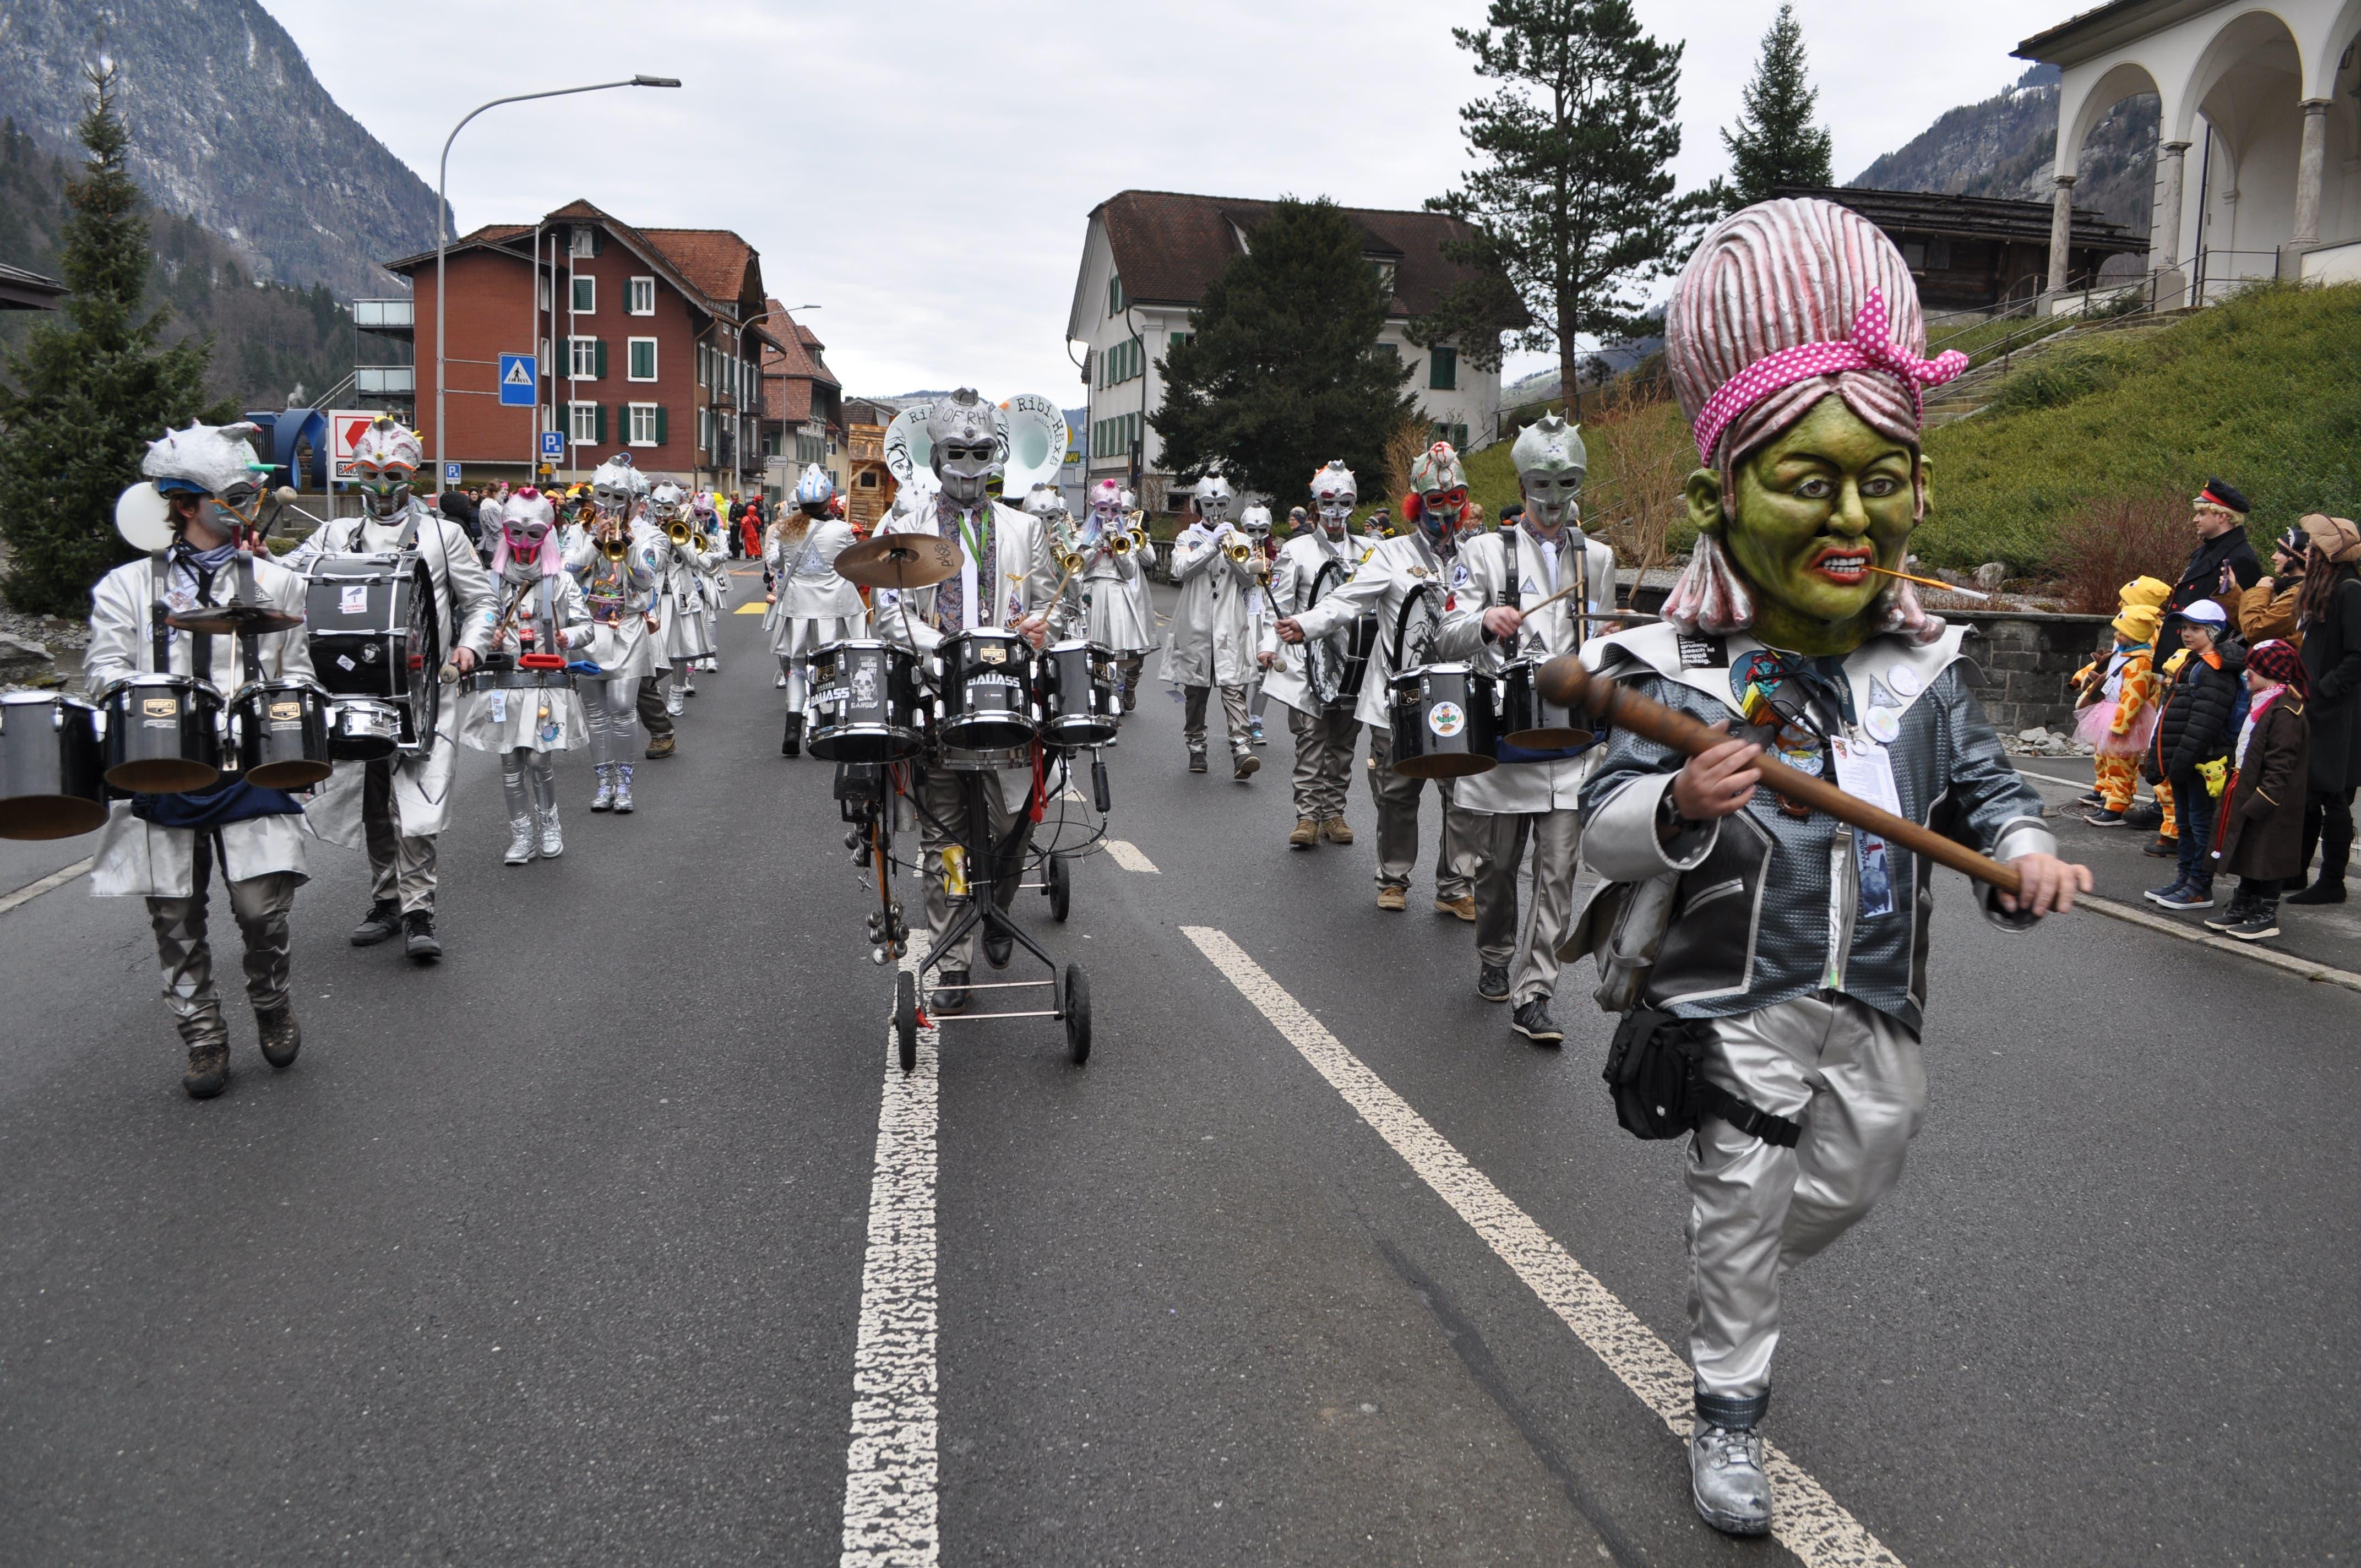 Die Ribi Häxä führen den Kinderumzug in Wolfenschiessen an.